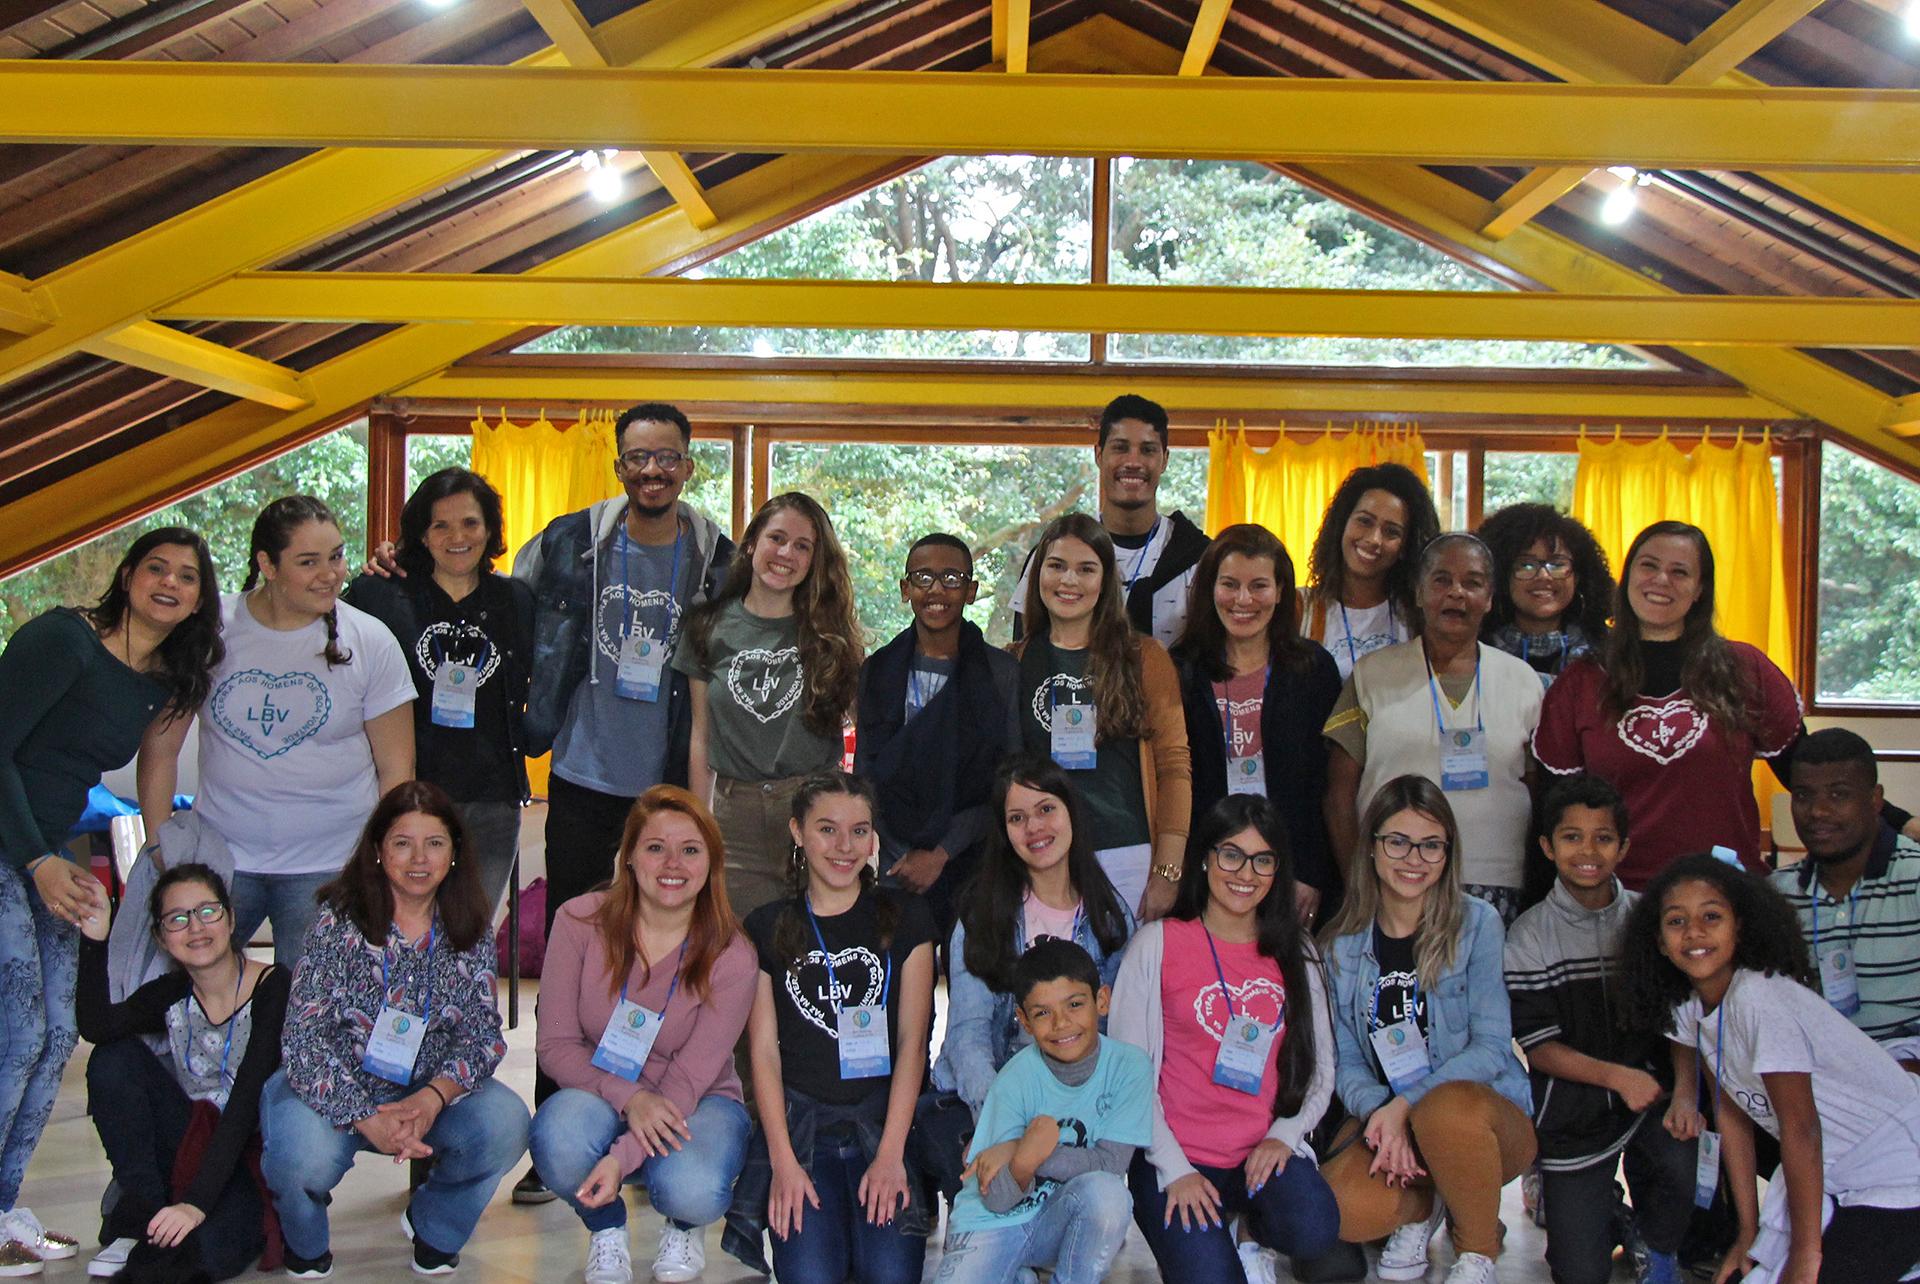 Glorinha, RS — Da região Sul do Brasil, a Juventude Legionária, de todas as idades, participaram da Oficina de Dança. Na ocasião, eles iniciaram um trabalho com o Grupo de Dança Boa Vontade para asIgrejas Ecumênicas da Religião de Deus, do Cristo e do Espírito Santo.